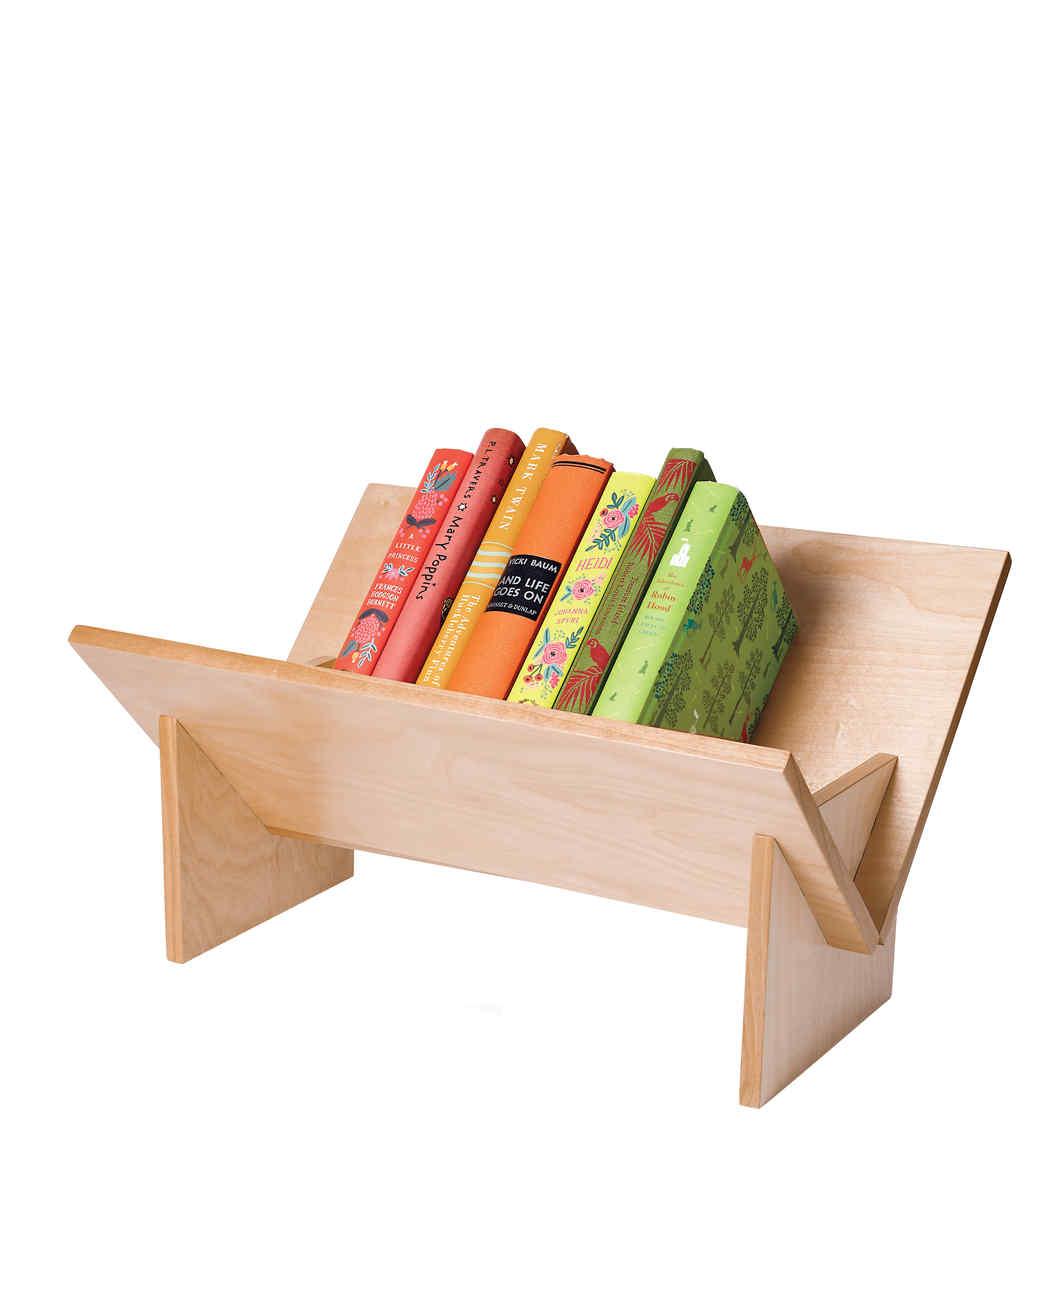 book-shelf-027-d111615.jpg